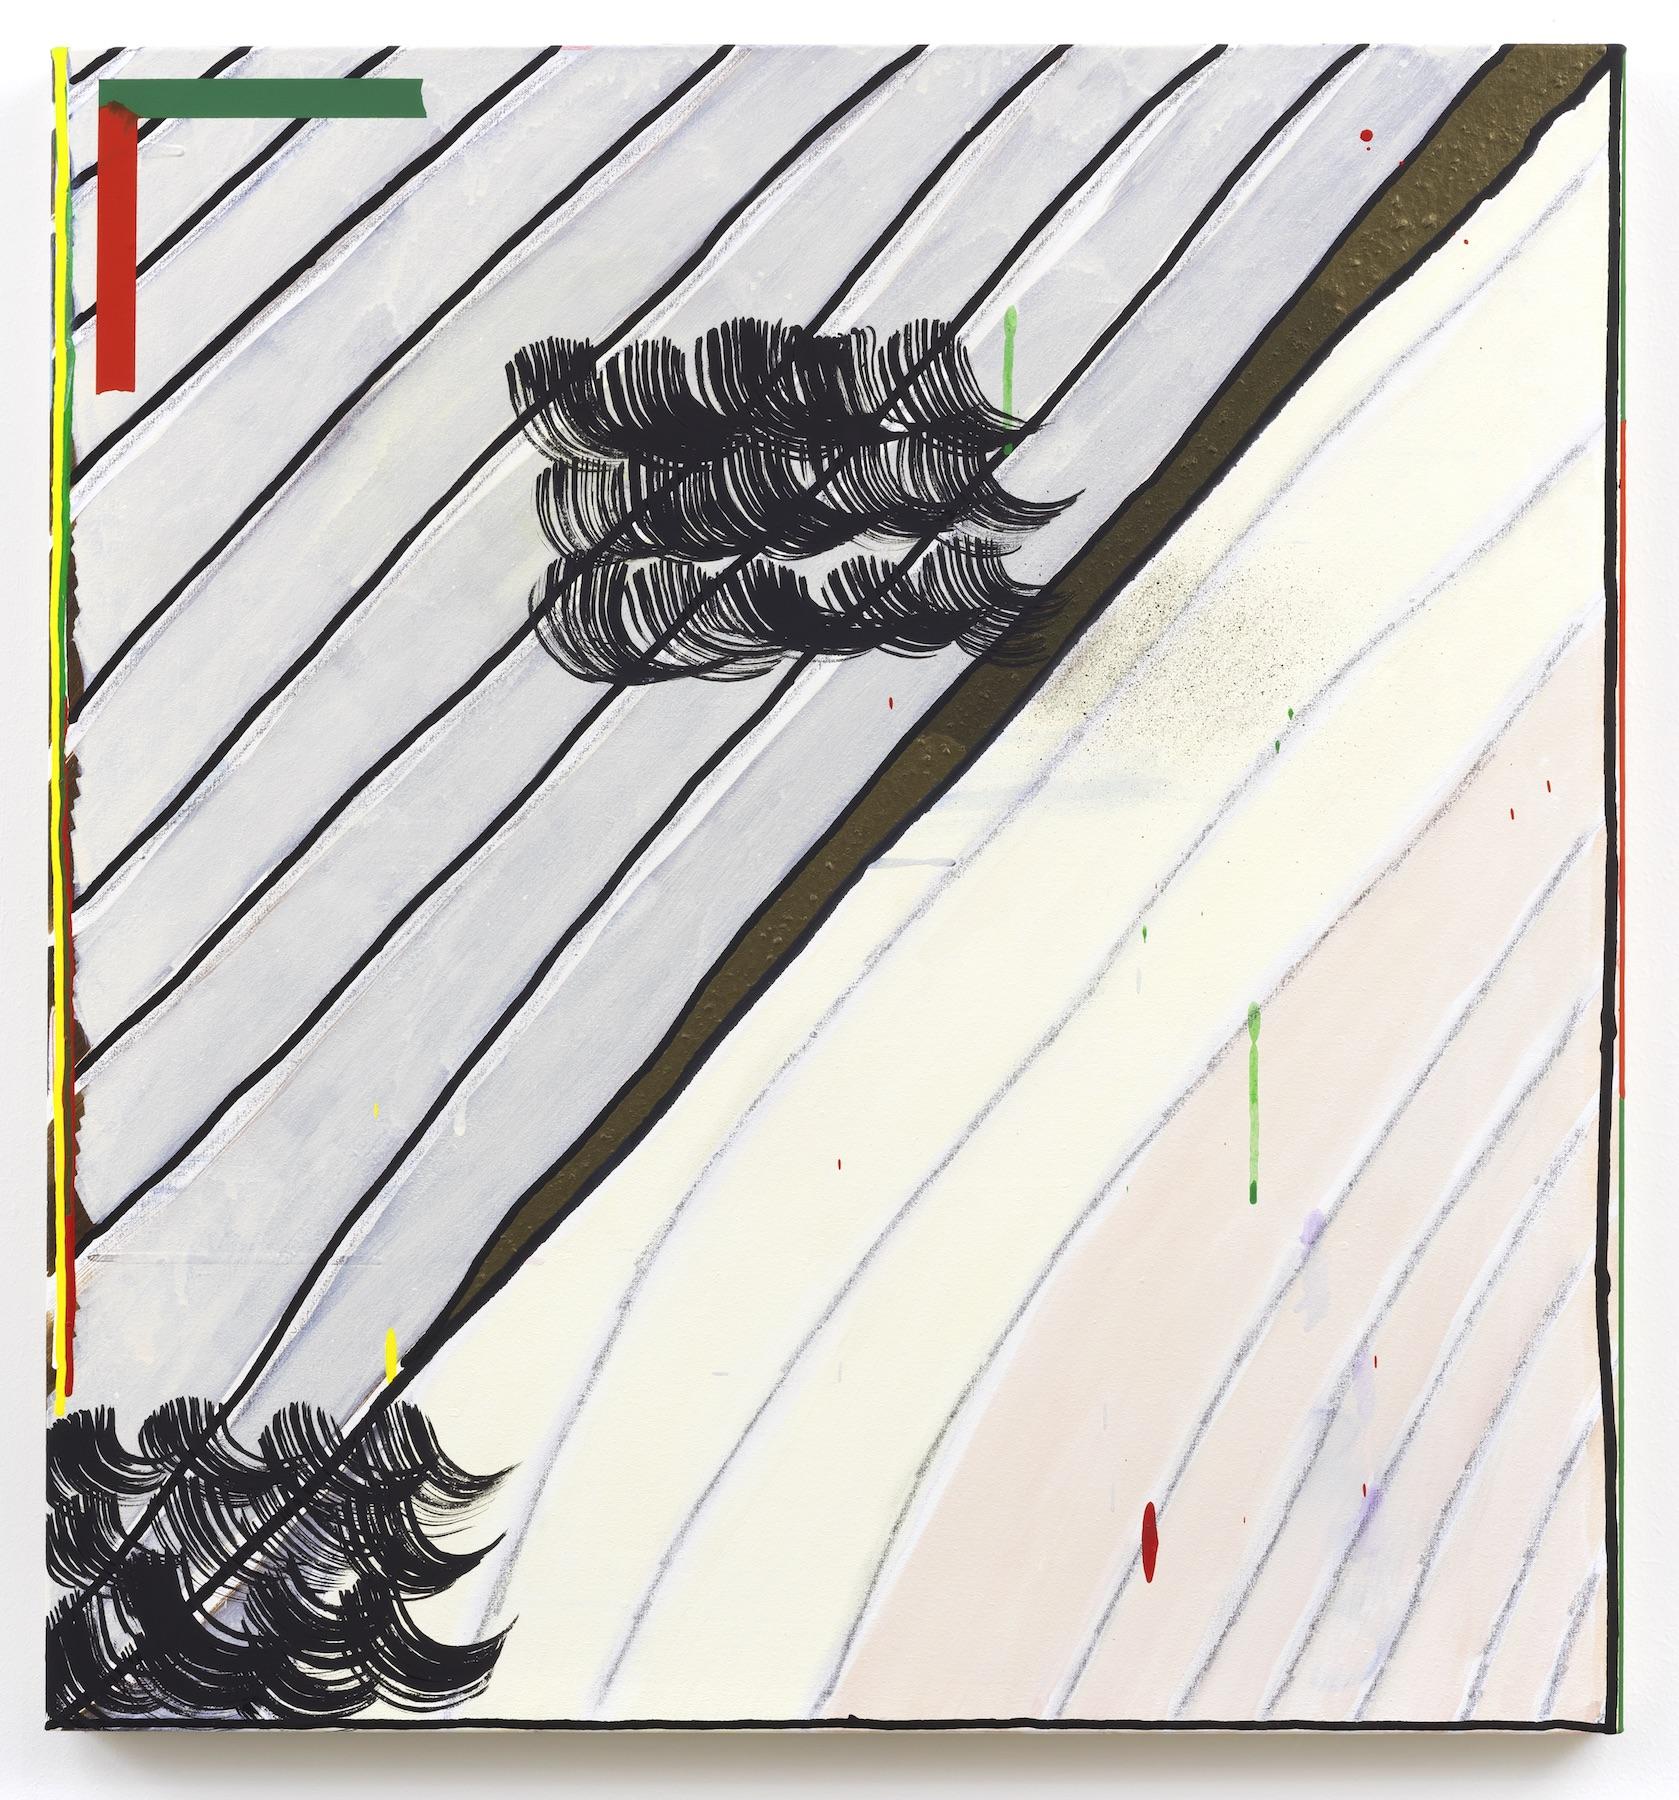 """Allison Miller - Head / Edge - 2014 - Acrylic, Flashe, Pencil on canvas - 30 x 28"""""""